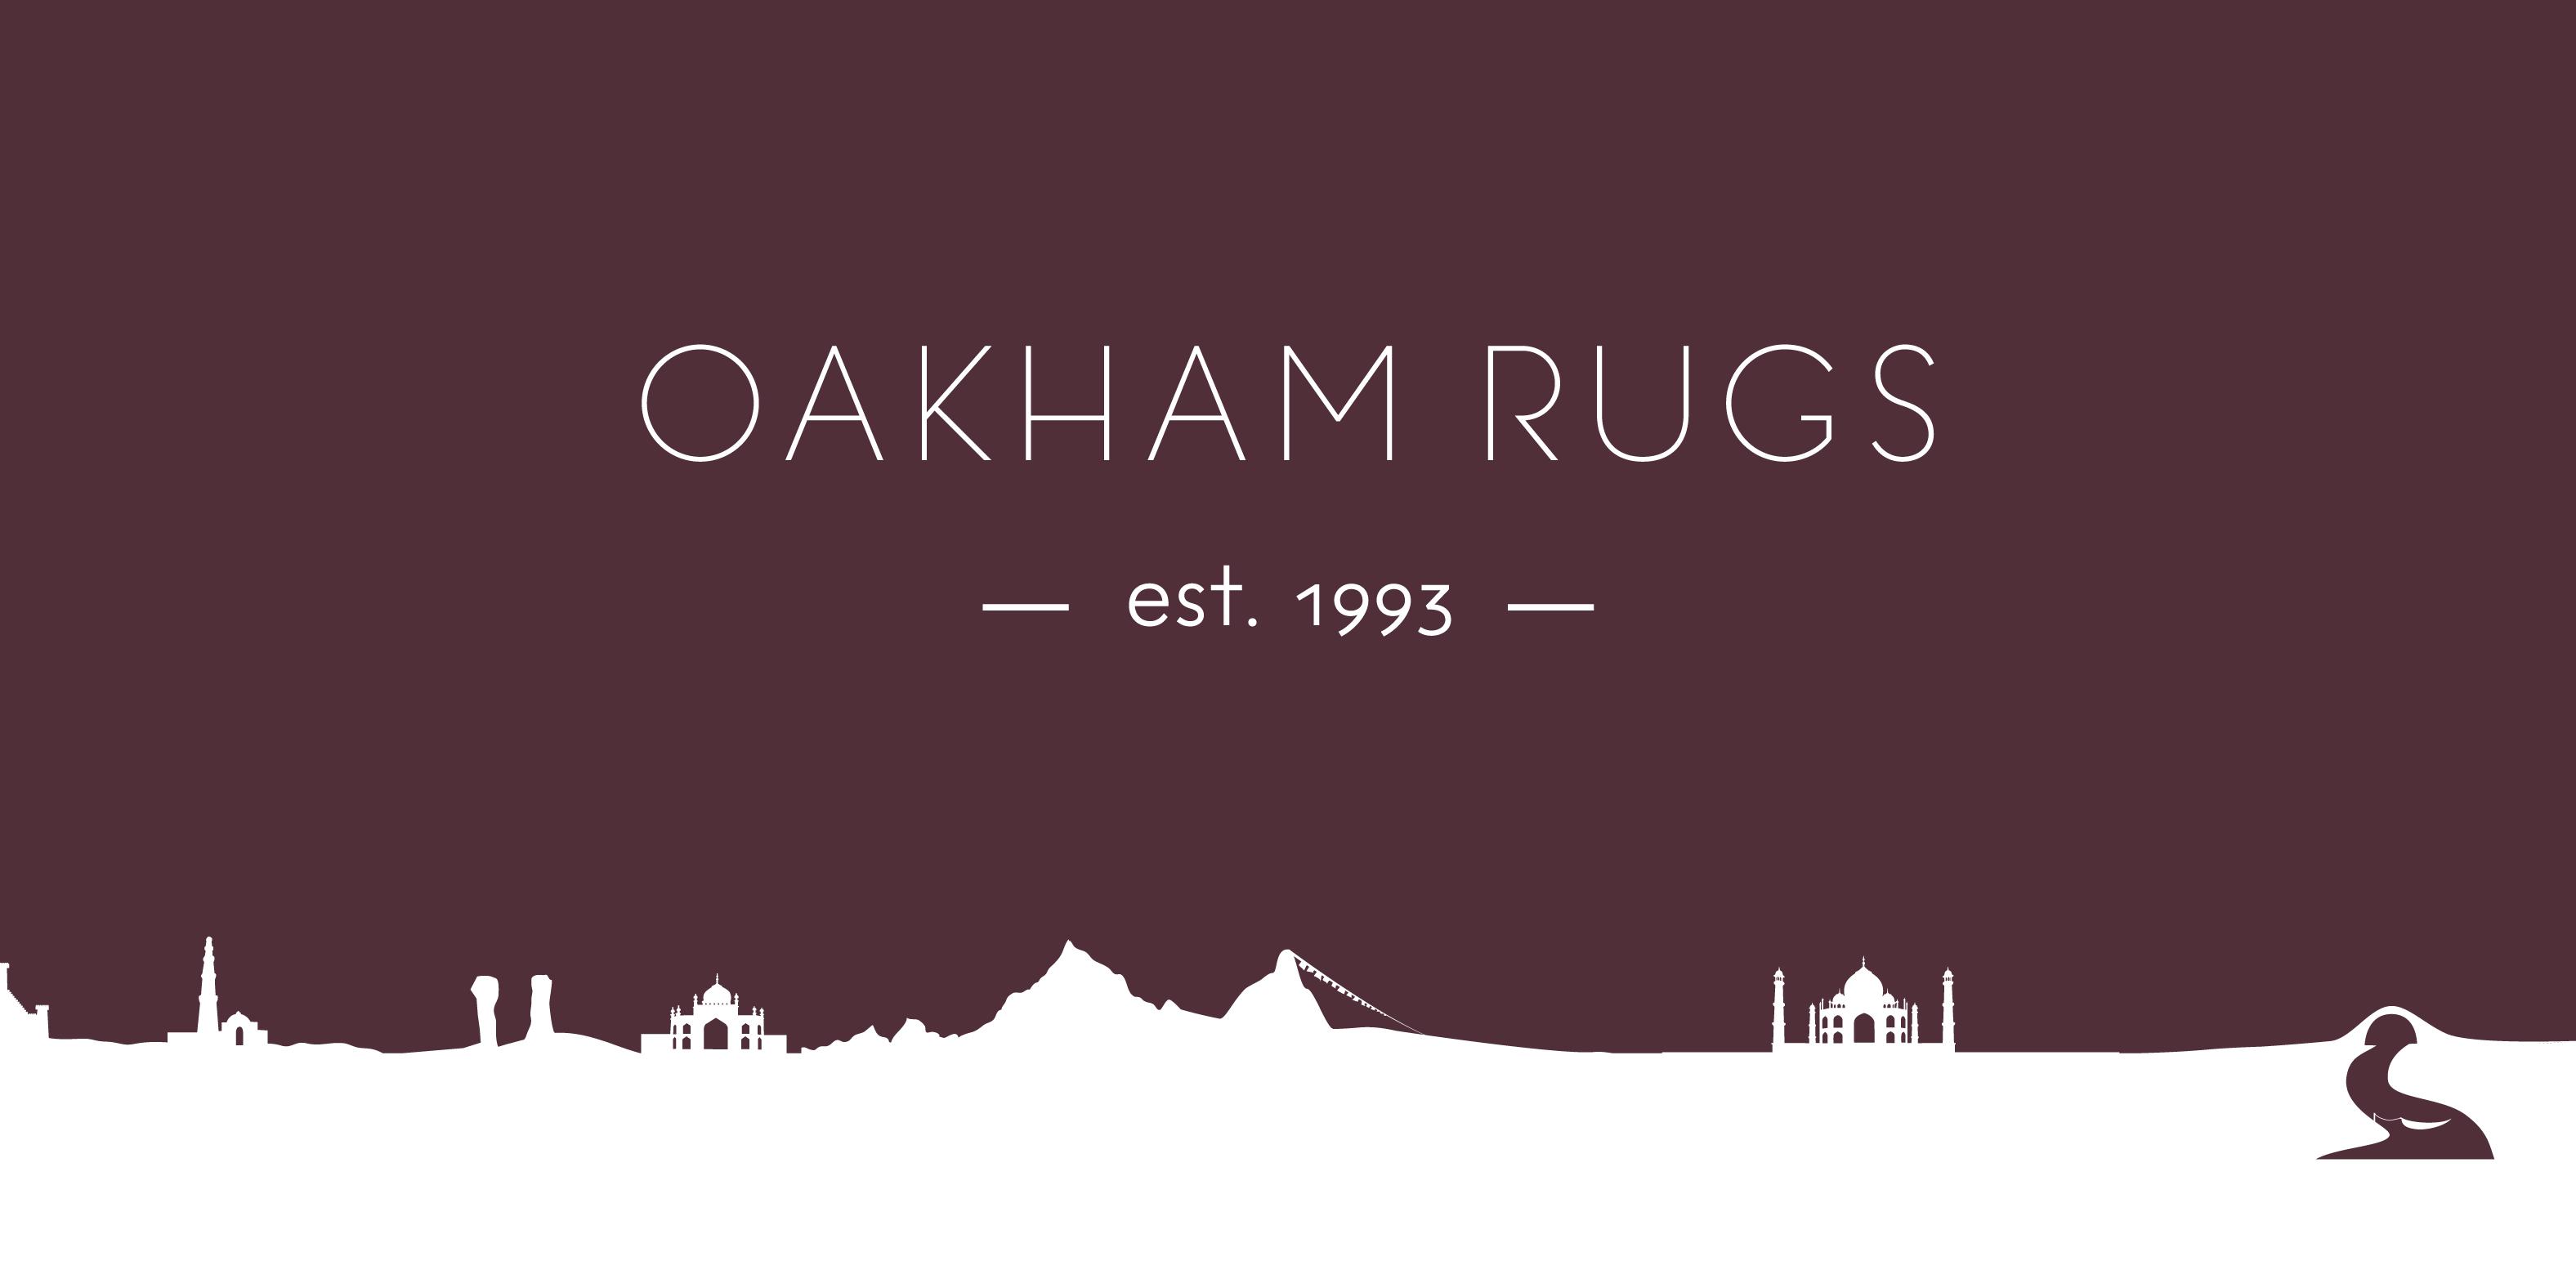 Oakham Rugs, selling oriental rugs since 1993.